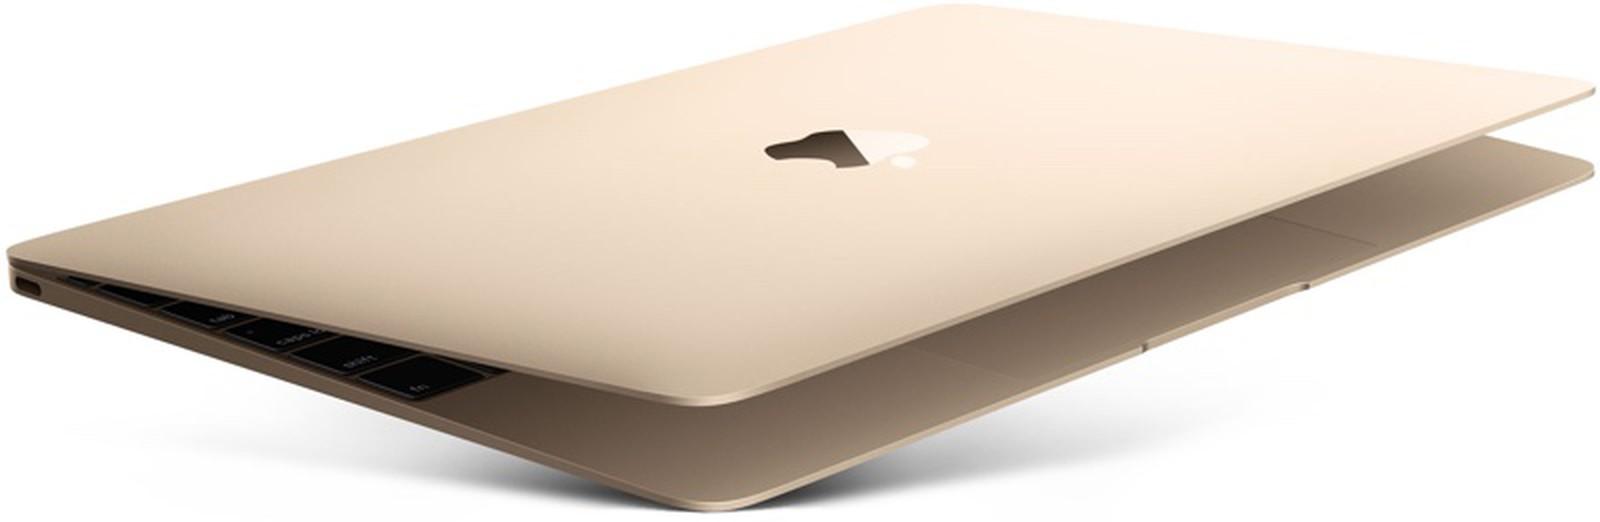 12palcový MacBook